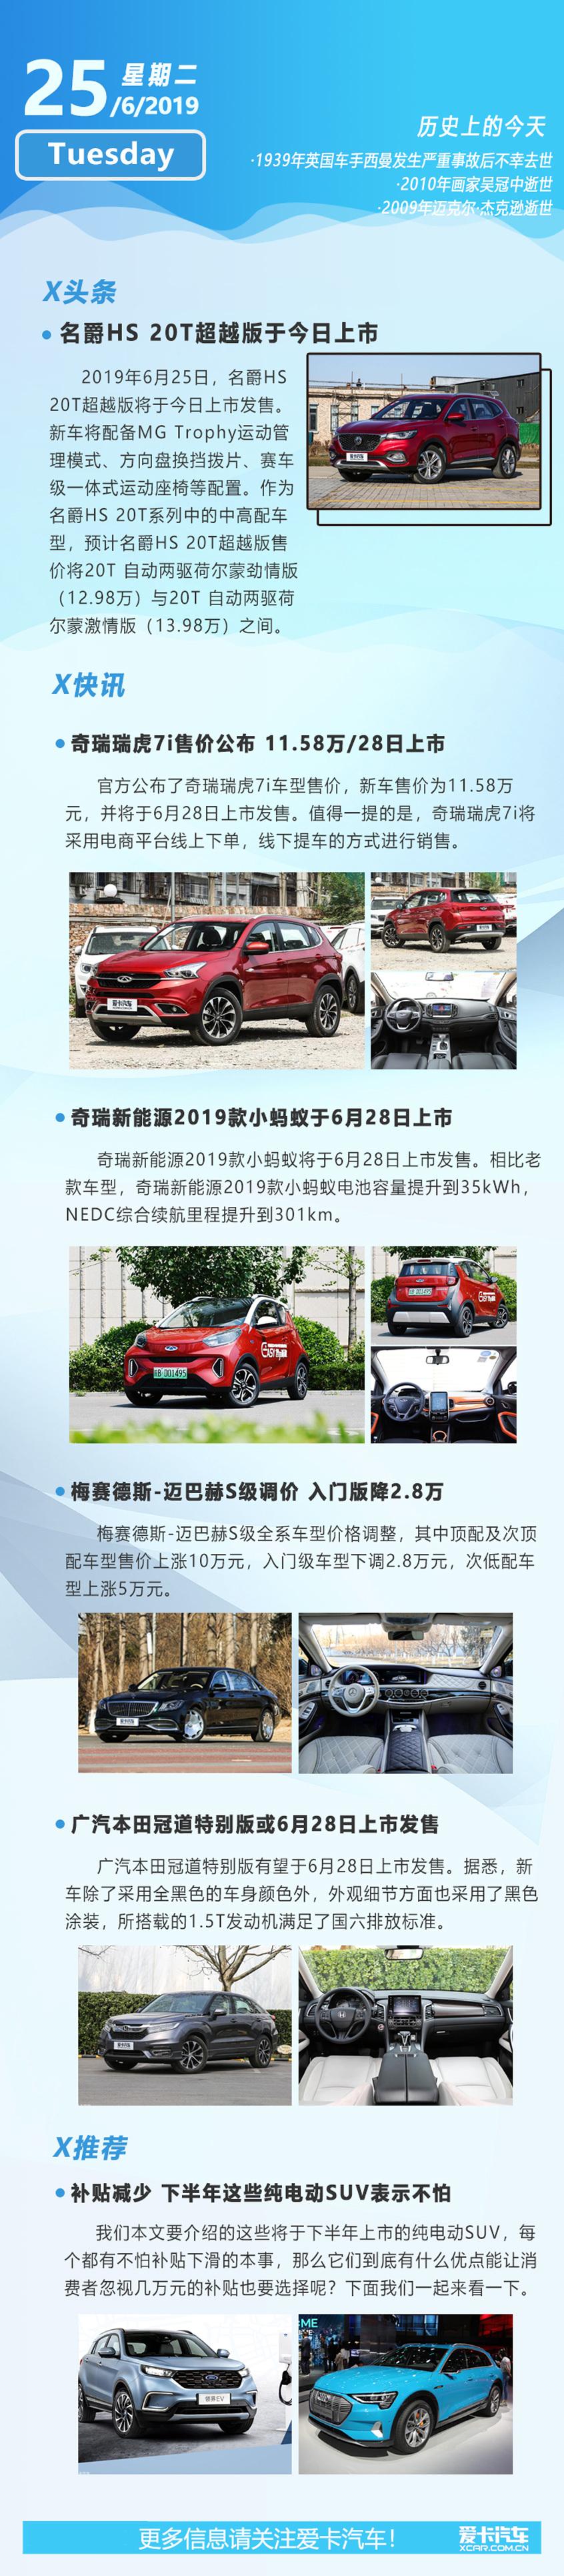 6月25日早报 奇瑞瑞虎7i/名爵HS新车型